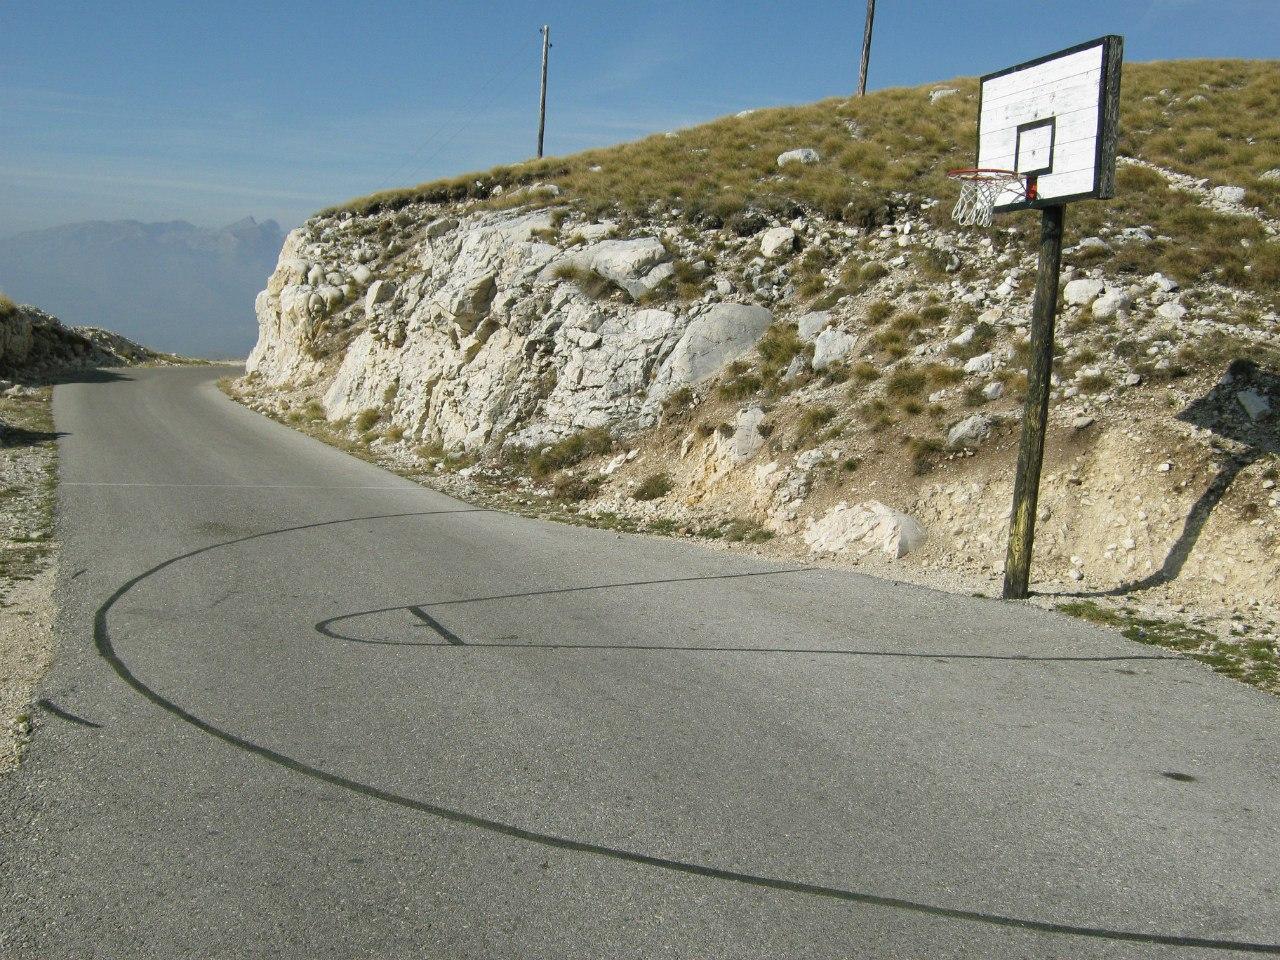 баскетбольное поле на дороге